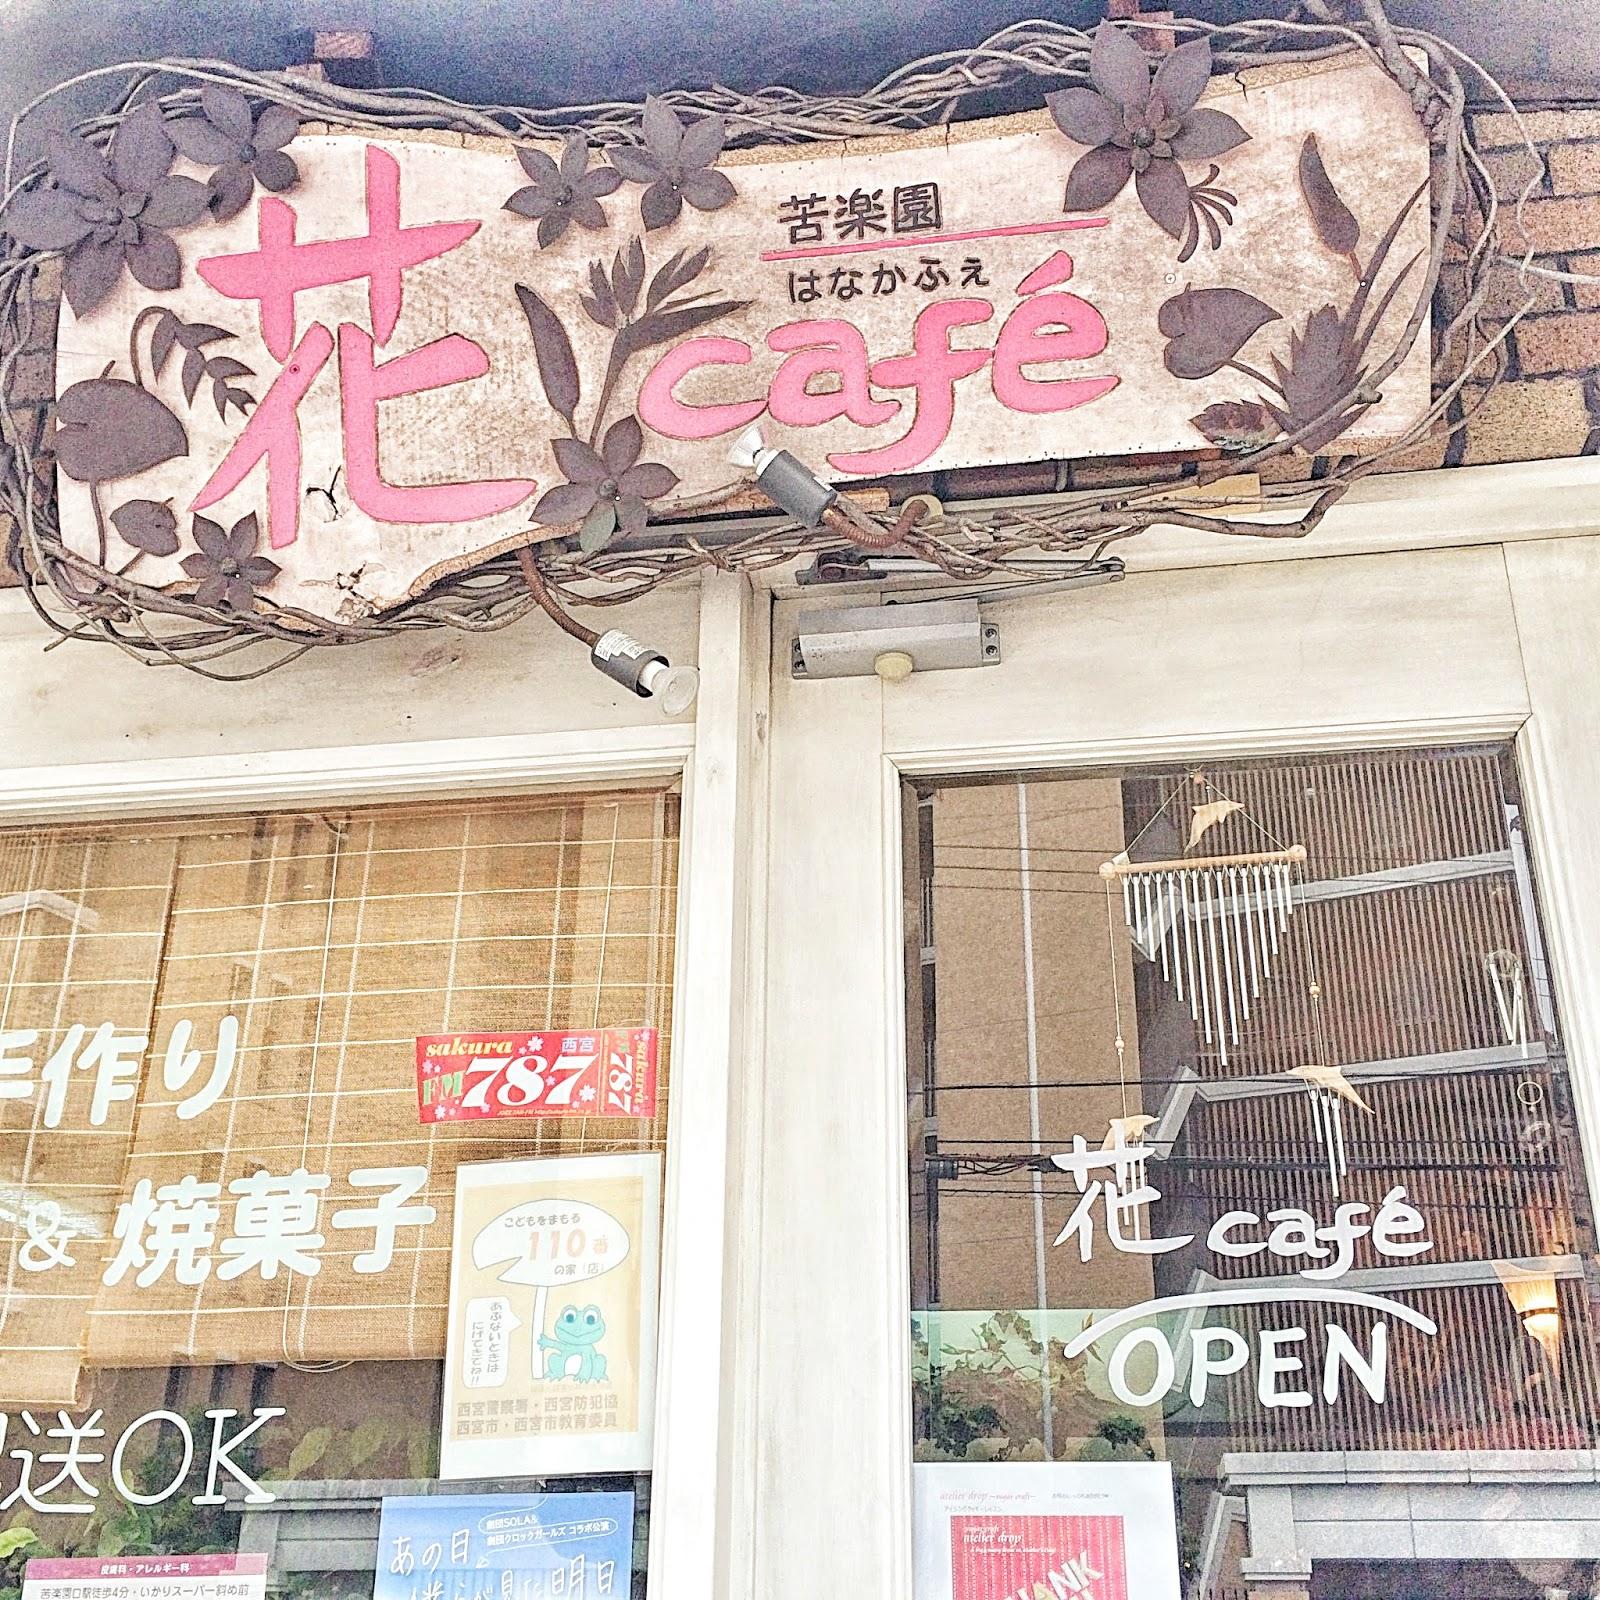 苦楽園の花カフェ(cafe)で委託販売!売れない評判の謎解き